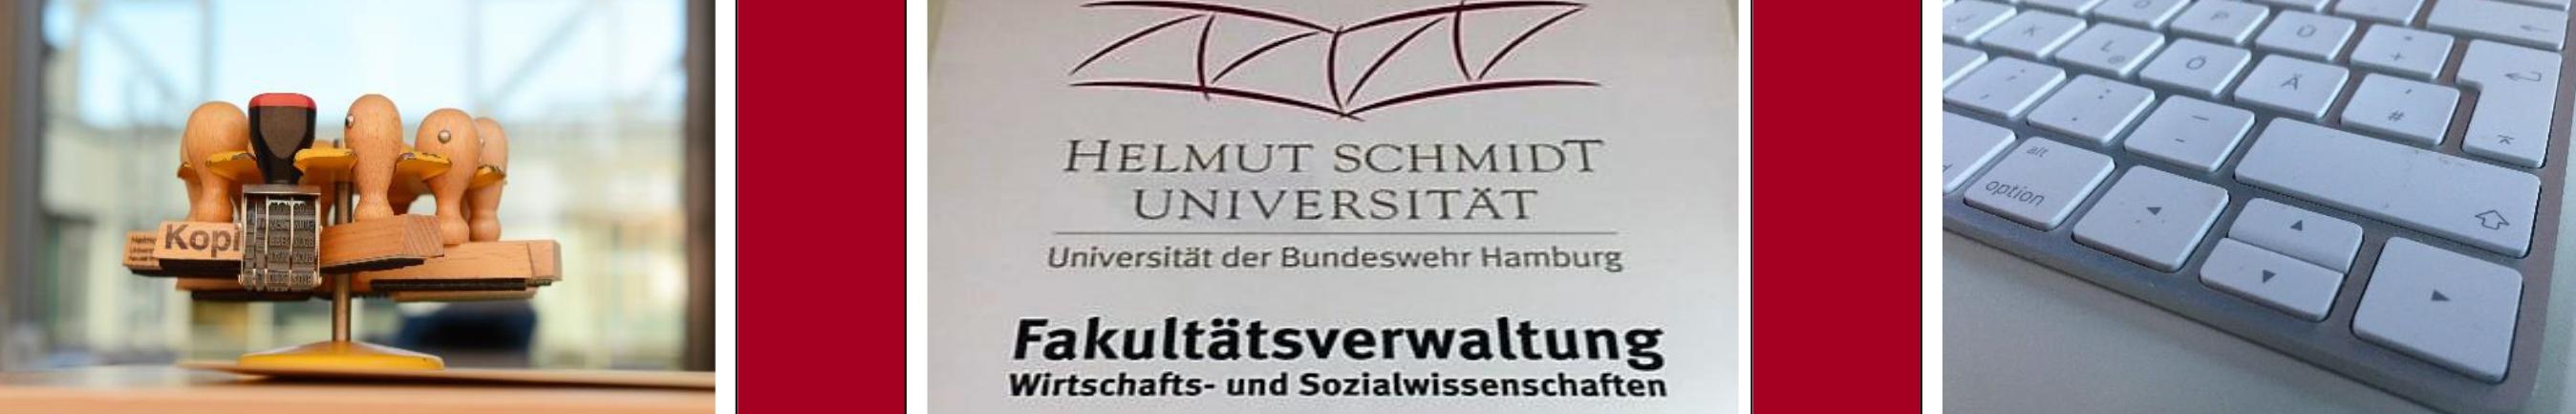 Banner_Verwaltung_IT